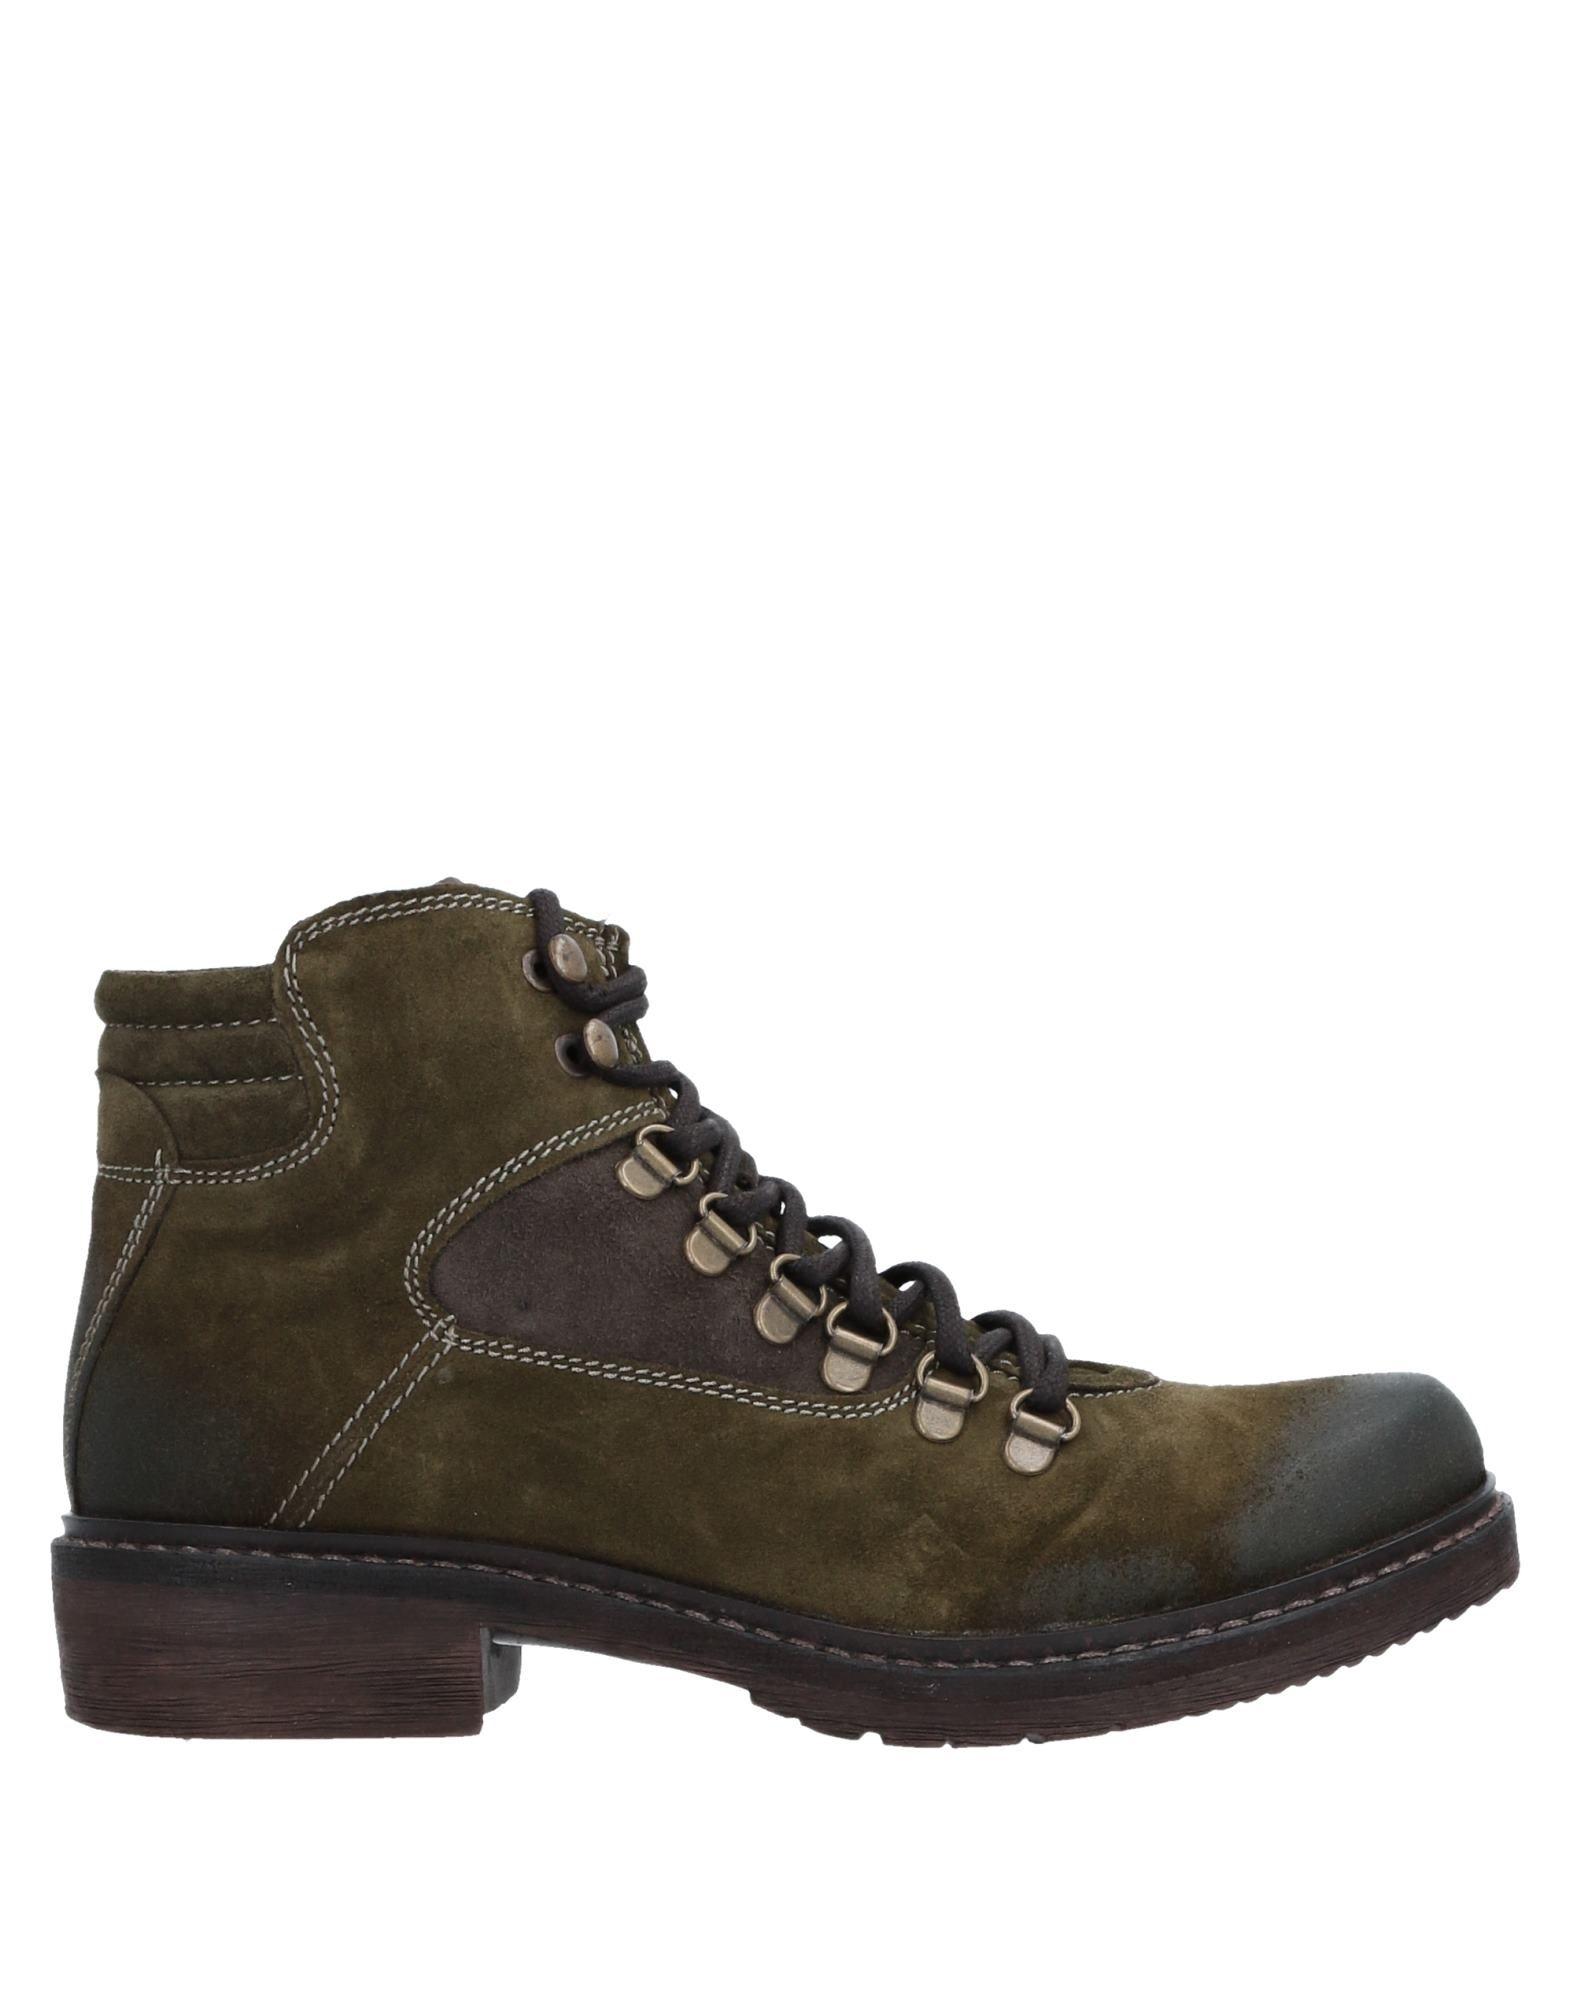 Manas Stiefelette Damen  11517345VE Gute Qualität beliebte Schuhe